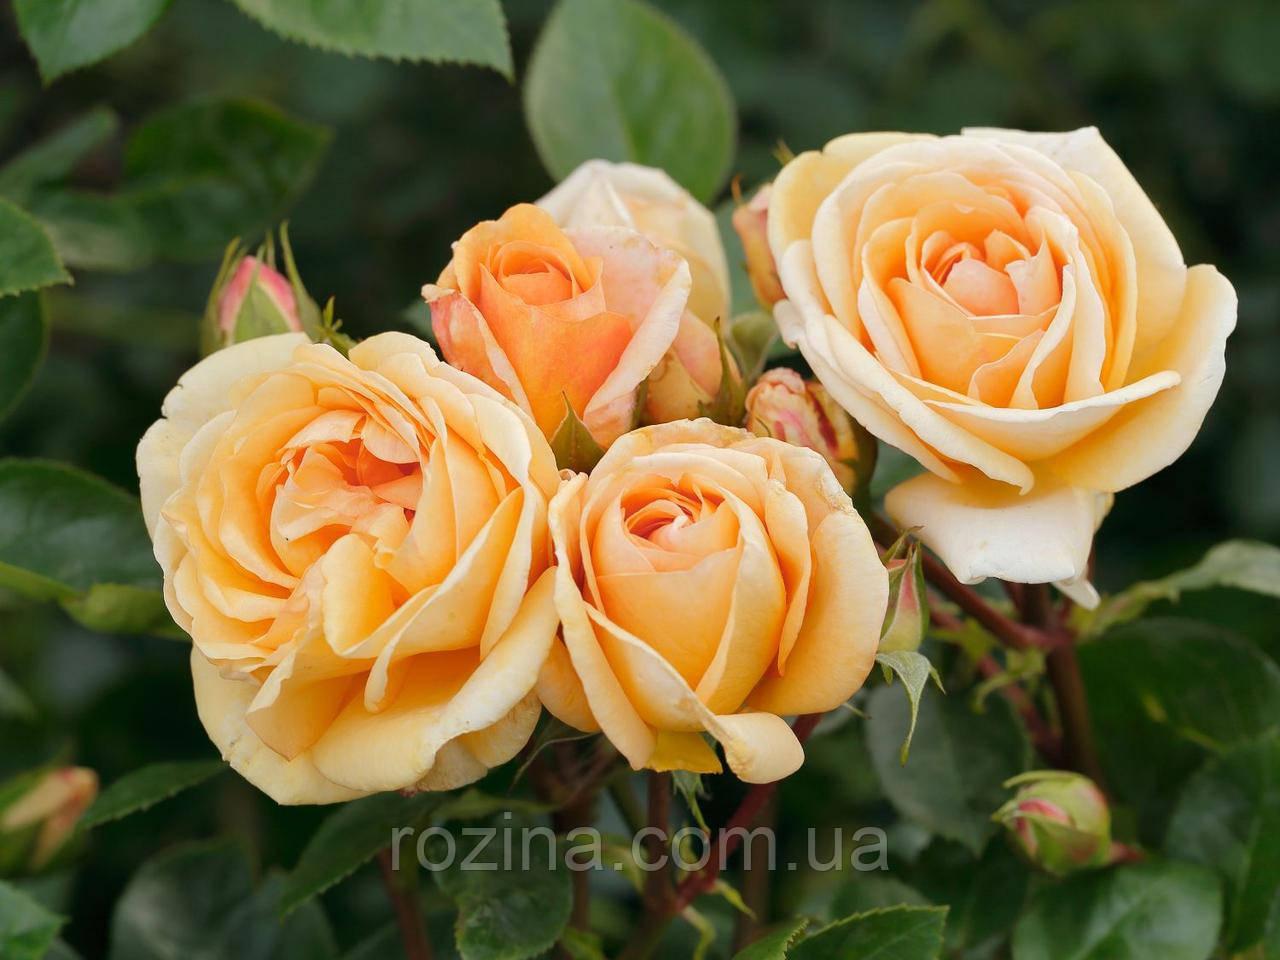 """Саджанці троянди """"CIRCLE OF LIFE """"(Серкл оф лайф)"""